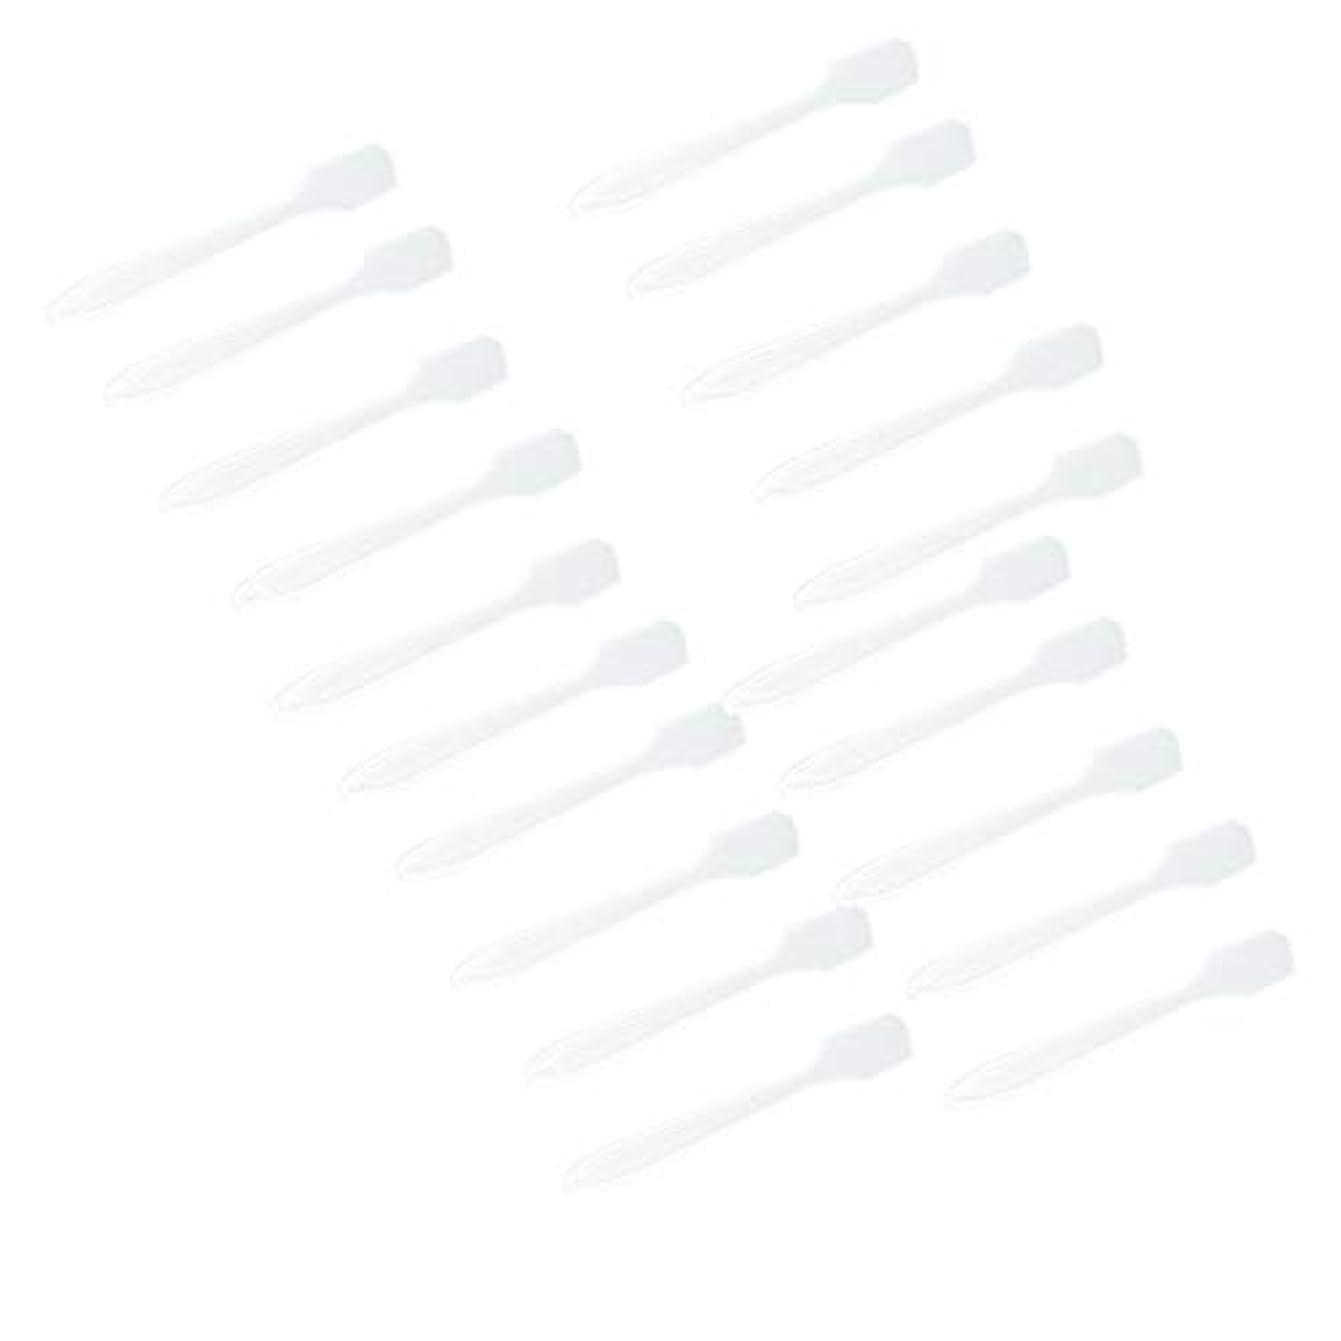 敬意を表する慎重に一口5カラー選ぶ 化粧品へら スプーン フェイシャル クリーム マスクスプーン 美容パックツール 全100点 - クリア